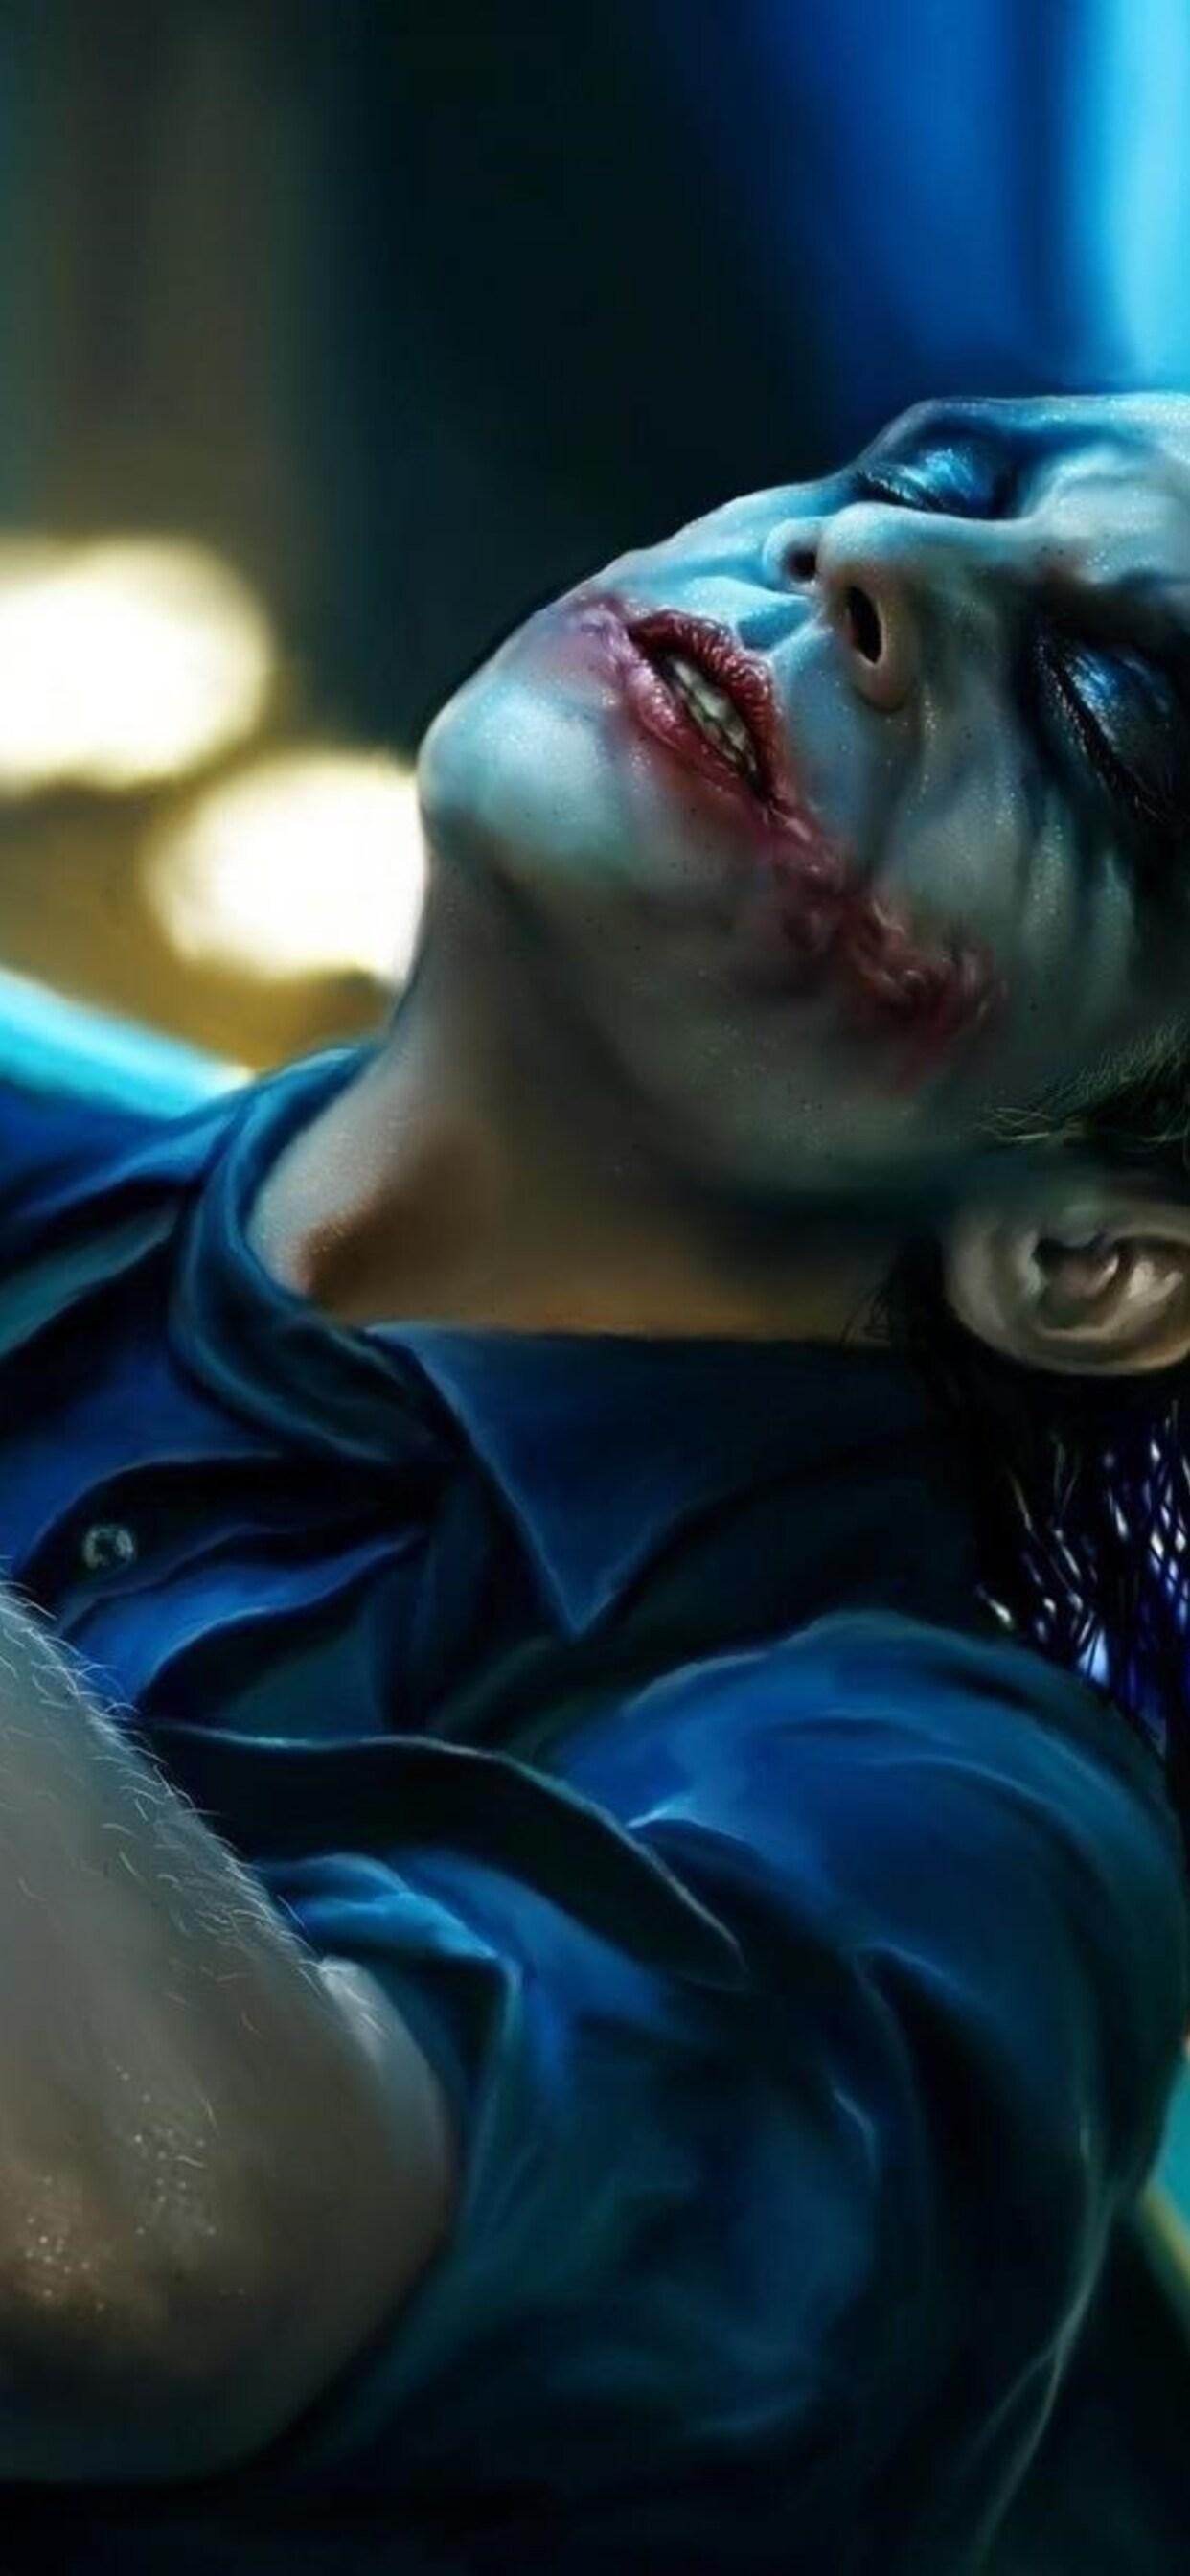 1242x2688 The Dark Knight Joker Artwork Iphone Xs Max Hd 4k